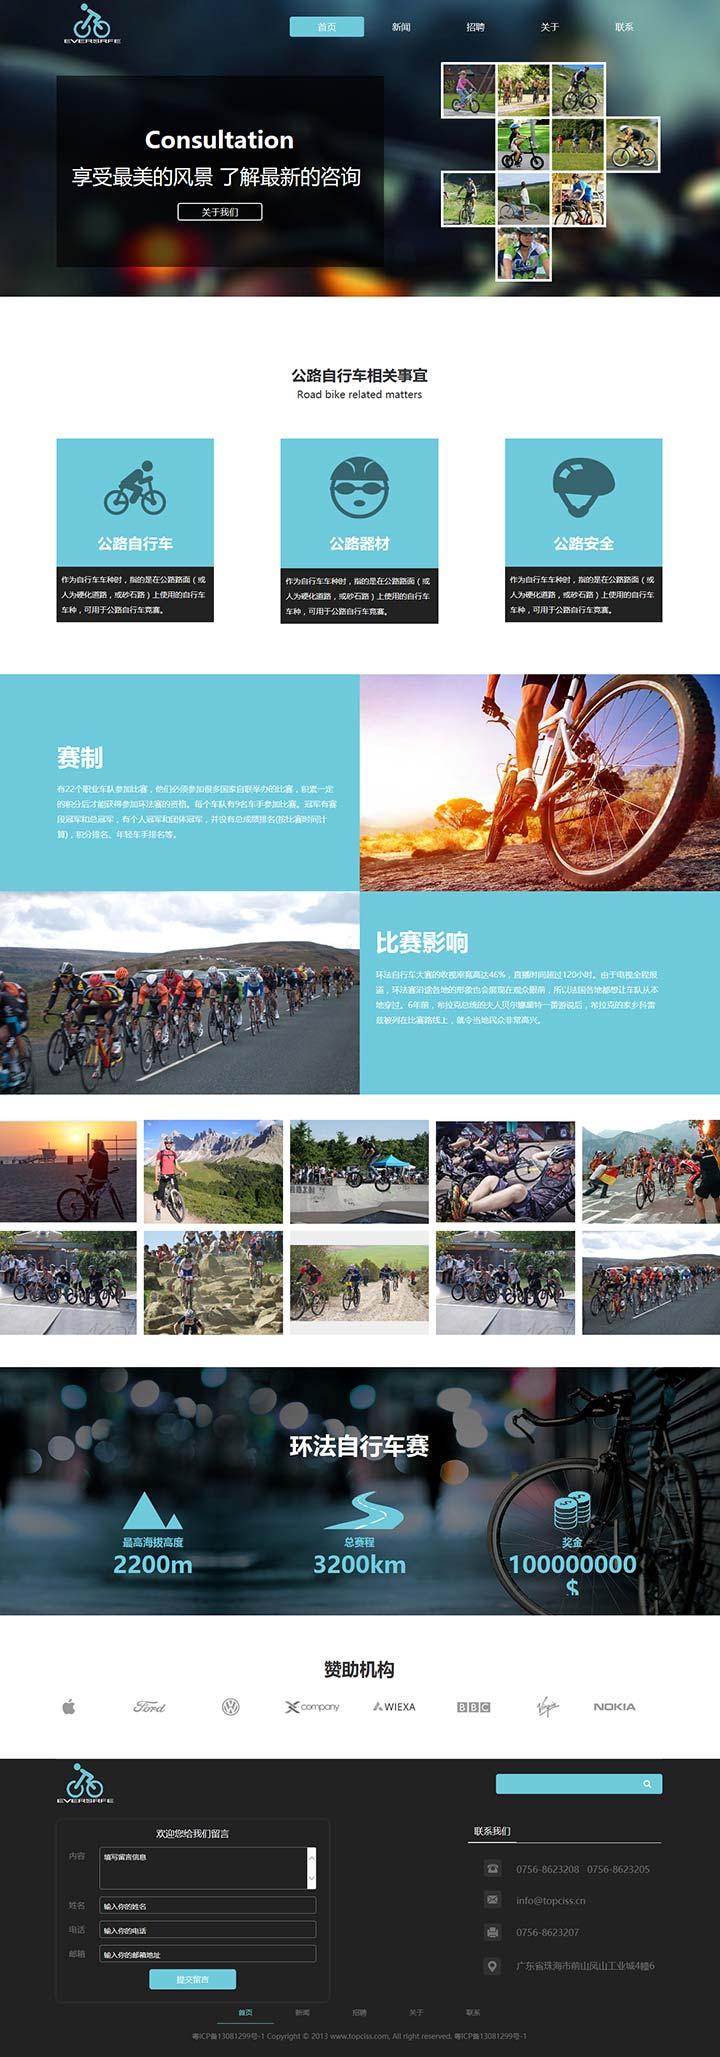 单车展示模板